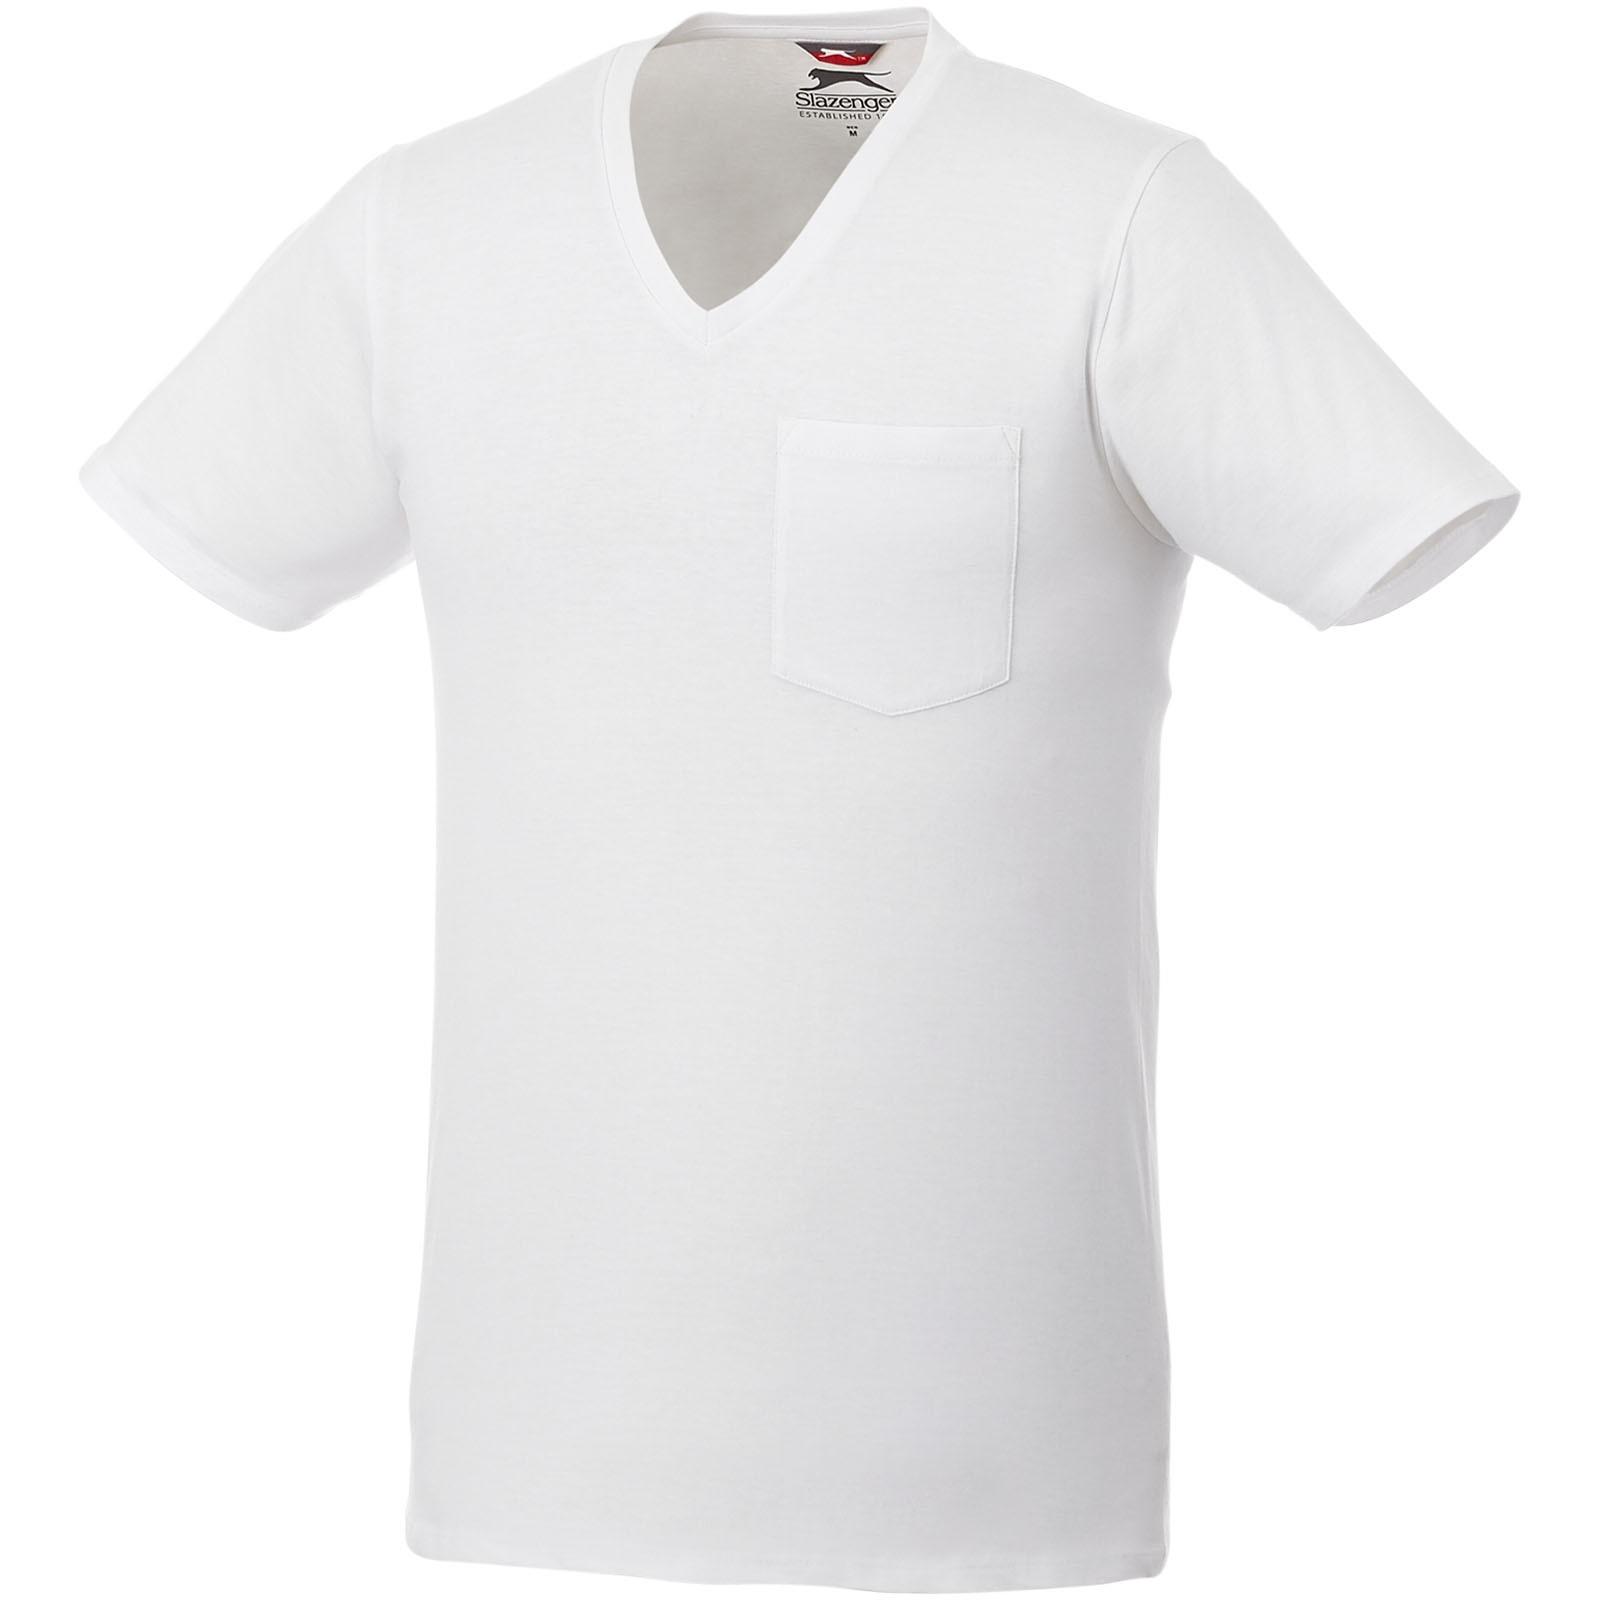 Gully pánské pocket tričko s krátkým rukávem - Bílá / XS